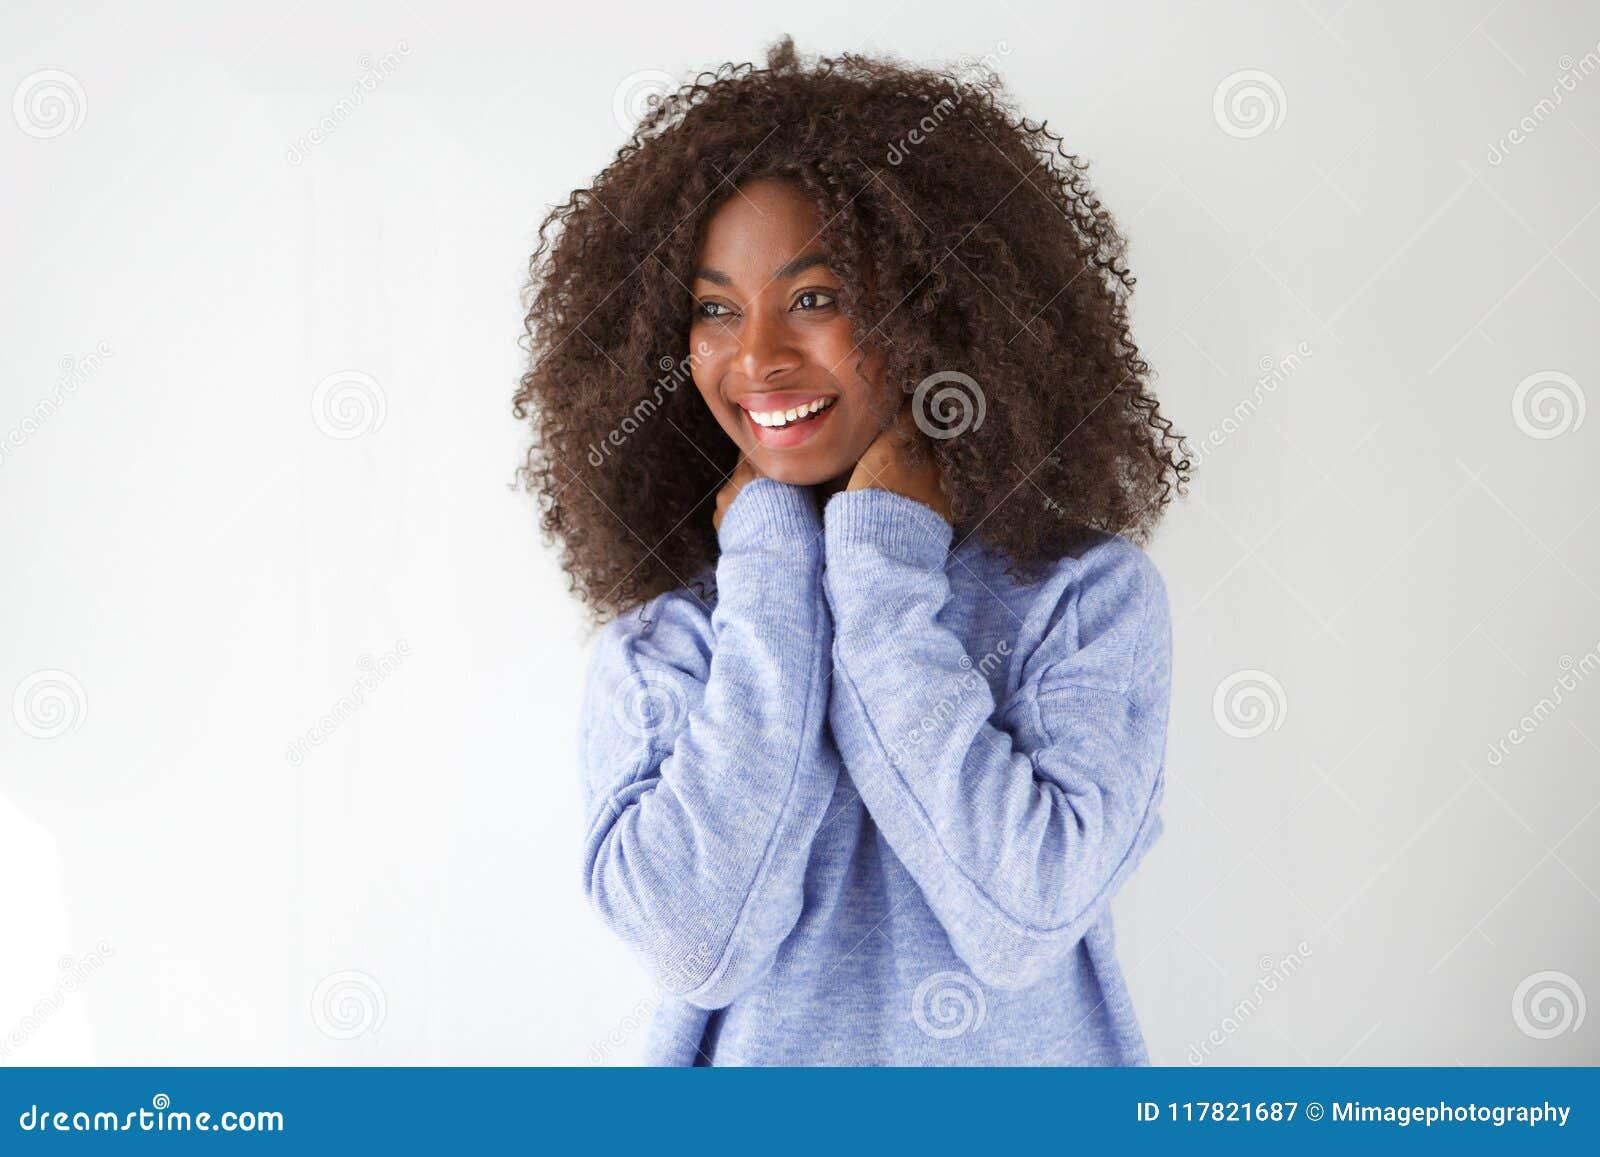 Stående av den lyckliga unga afrikanska kvinnan som skrattar och ser bort mot vit bakgrund